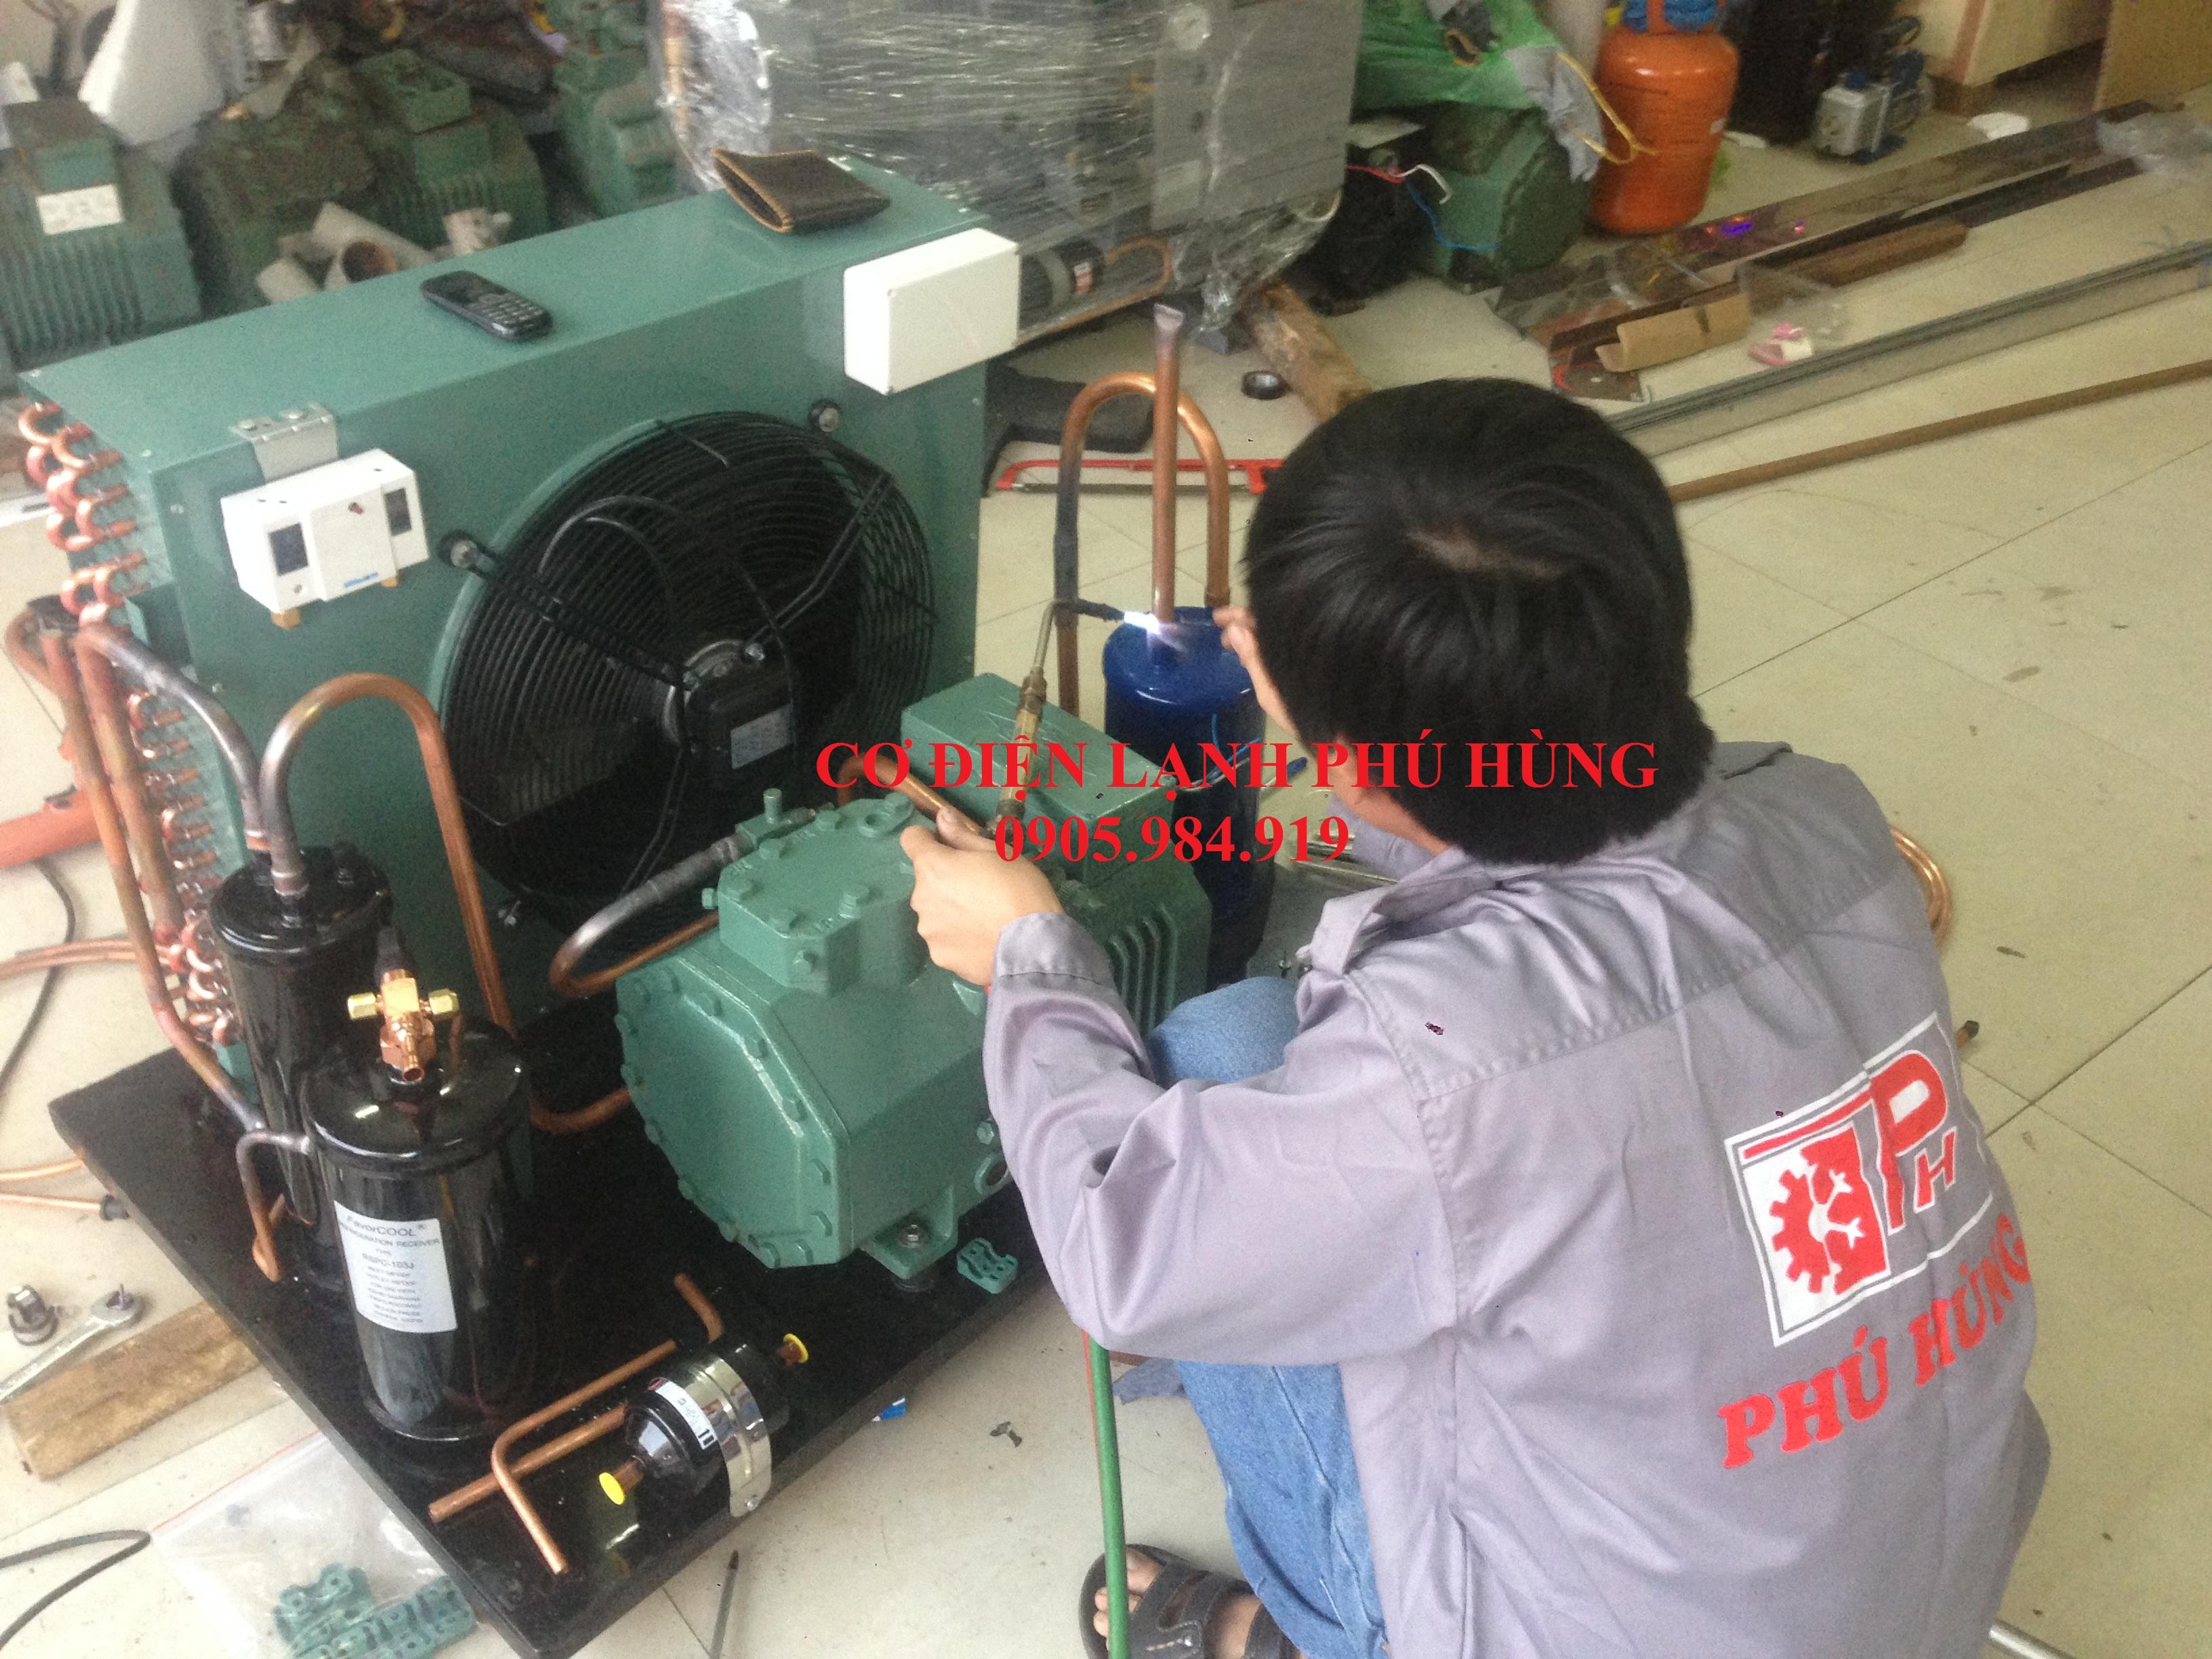 LT 04 - Chuyên Lắp kho lạnh LOTTERIA cách tỉnh miền Trung